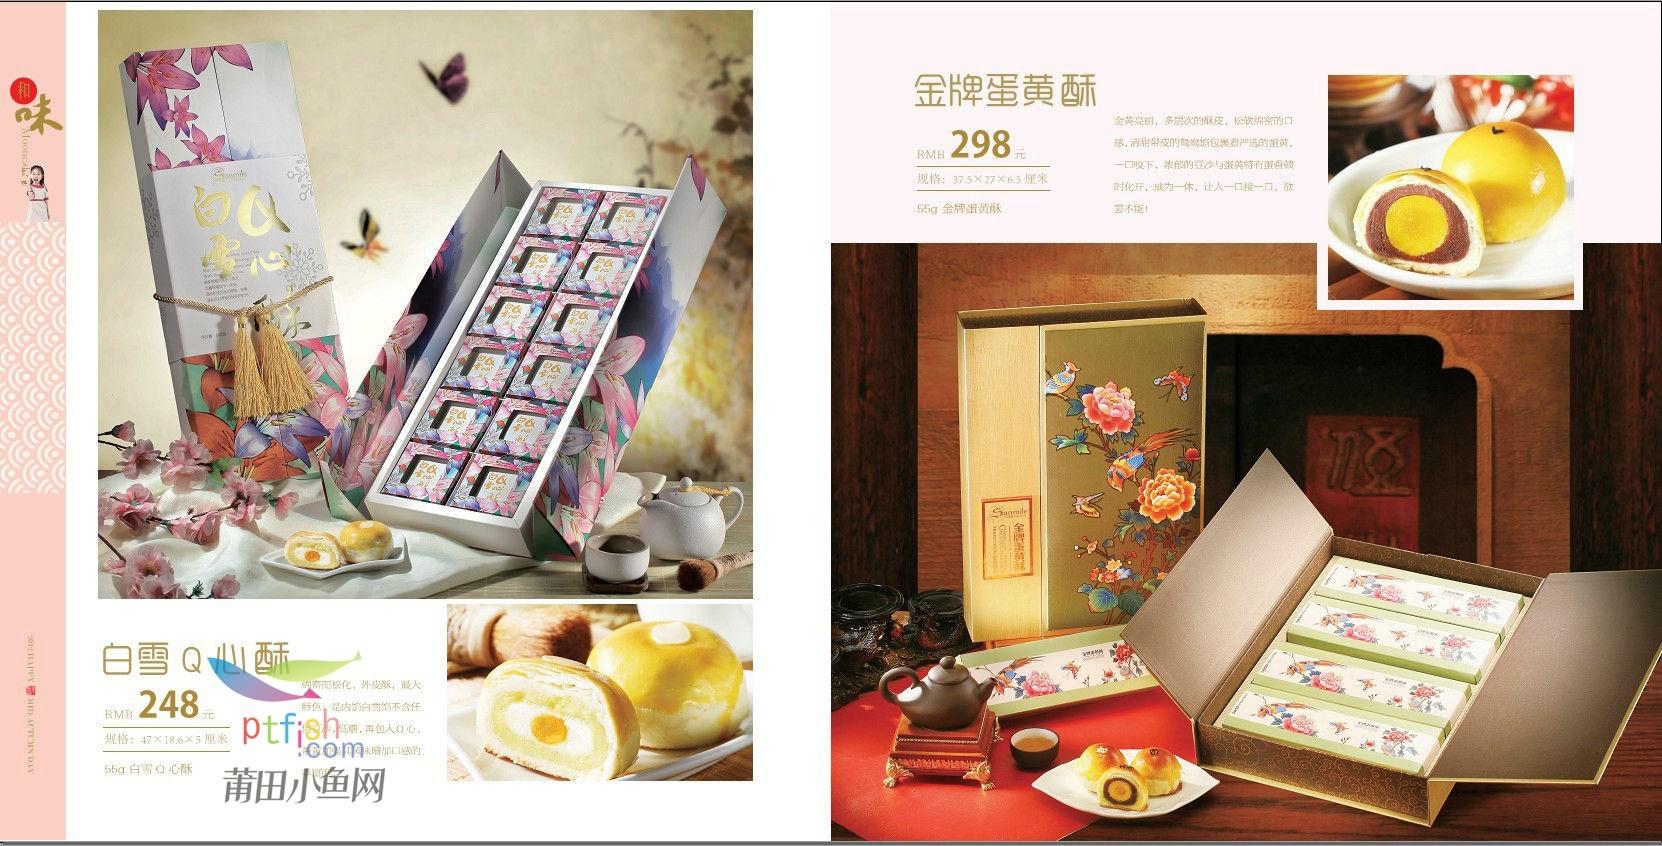 台湾风味惹火中秋 向阳坊月饼推出买月饼赢取